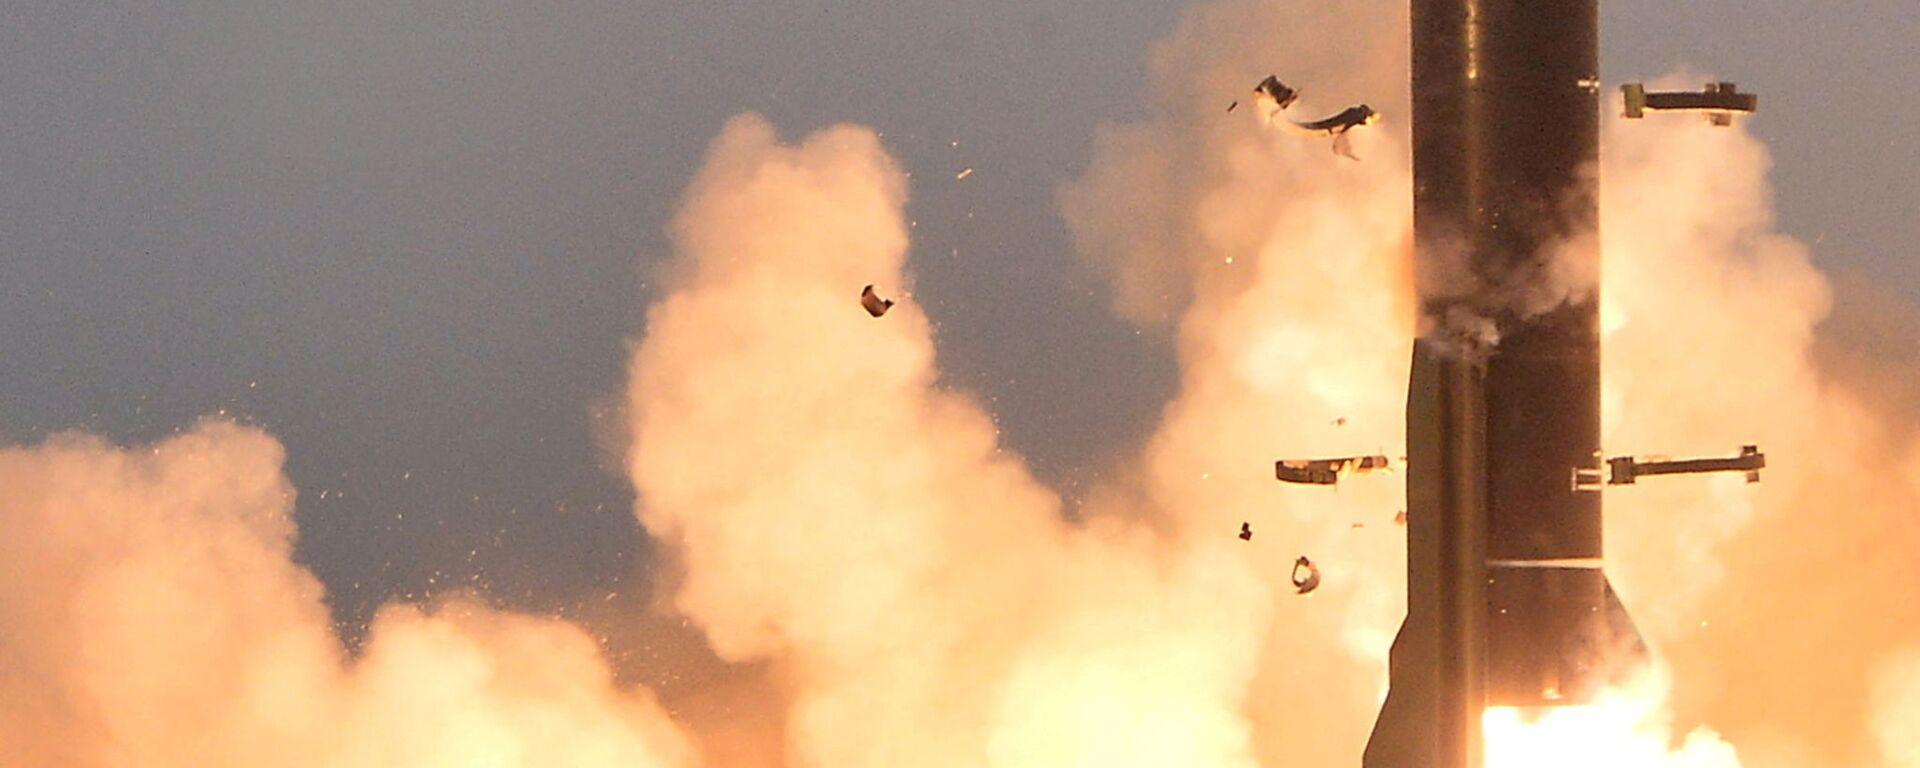 Kuzey Kore resmi haber ajansı, 25 Mart 2021'deki yeni tip taktik güdümlü füze denemesinden görüntüler yayımladı. Analistlere göre bunlar Ekim 2020'de Pyongyang'daki askeri geçit töreninde sergilenen füzeler.  Silahsızlanma Çalışmaları  James Martin Merkezi'nden  Jeffrey Lewis Eğer öyleyse, daha önce denenmiş  KN-23 füzelerinin gerçekten büyük bir savaş başlığıyla geliştirilmiş varyantı gibi görünüyorlar dedi. - Sputnik Türkiye, 1920, 15.09.2021